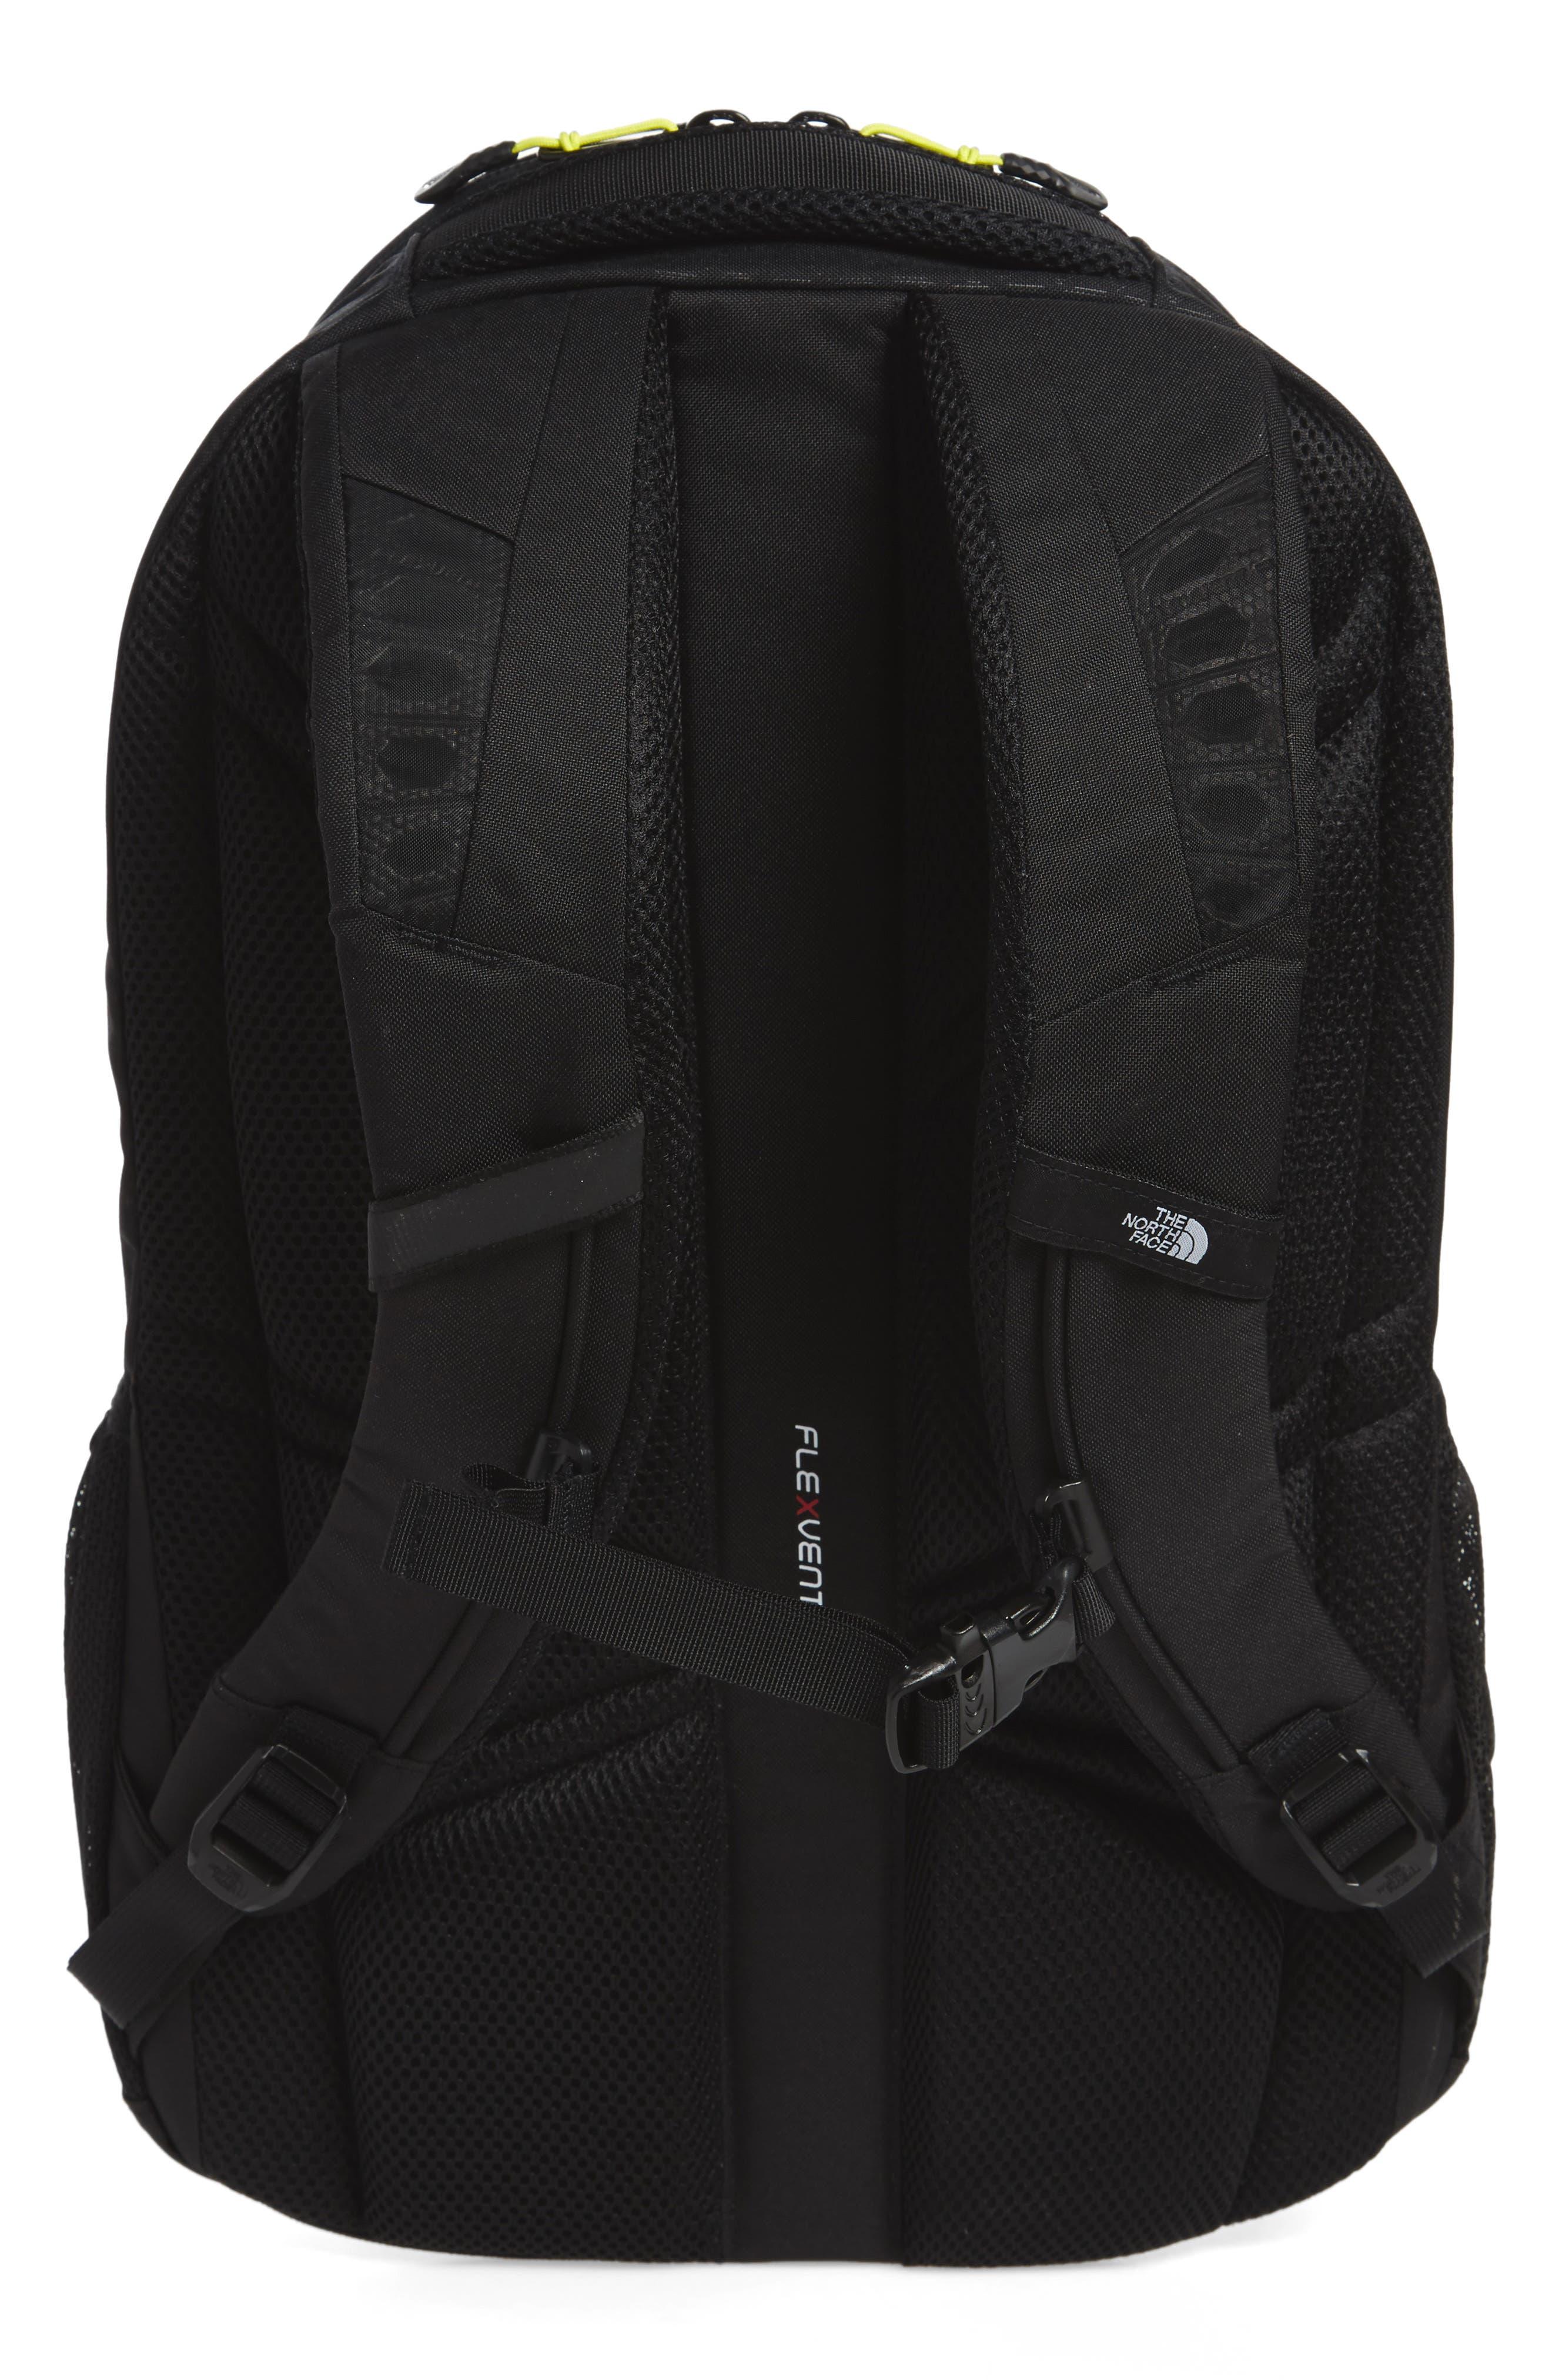 'Jester' Backpack,                             Alternate thumbnail 2, color,                             Tnf Black Emboss/ Spring Green